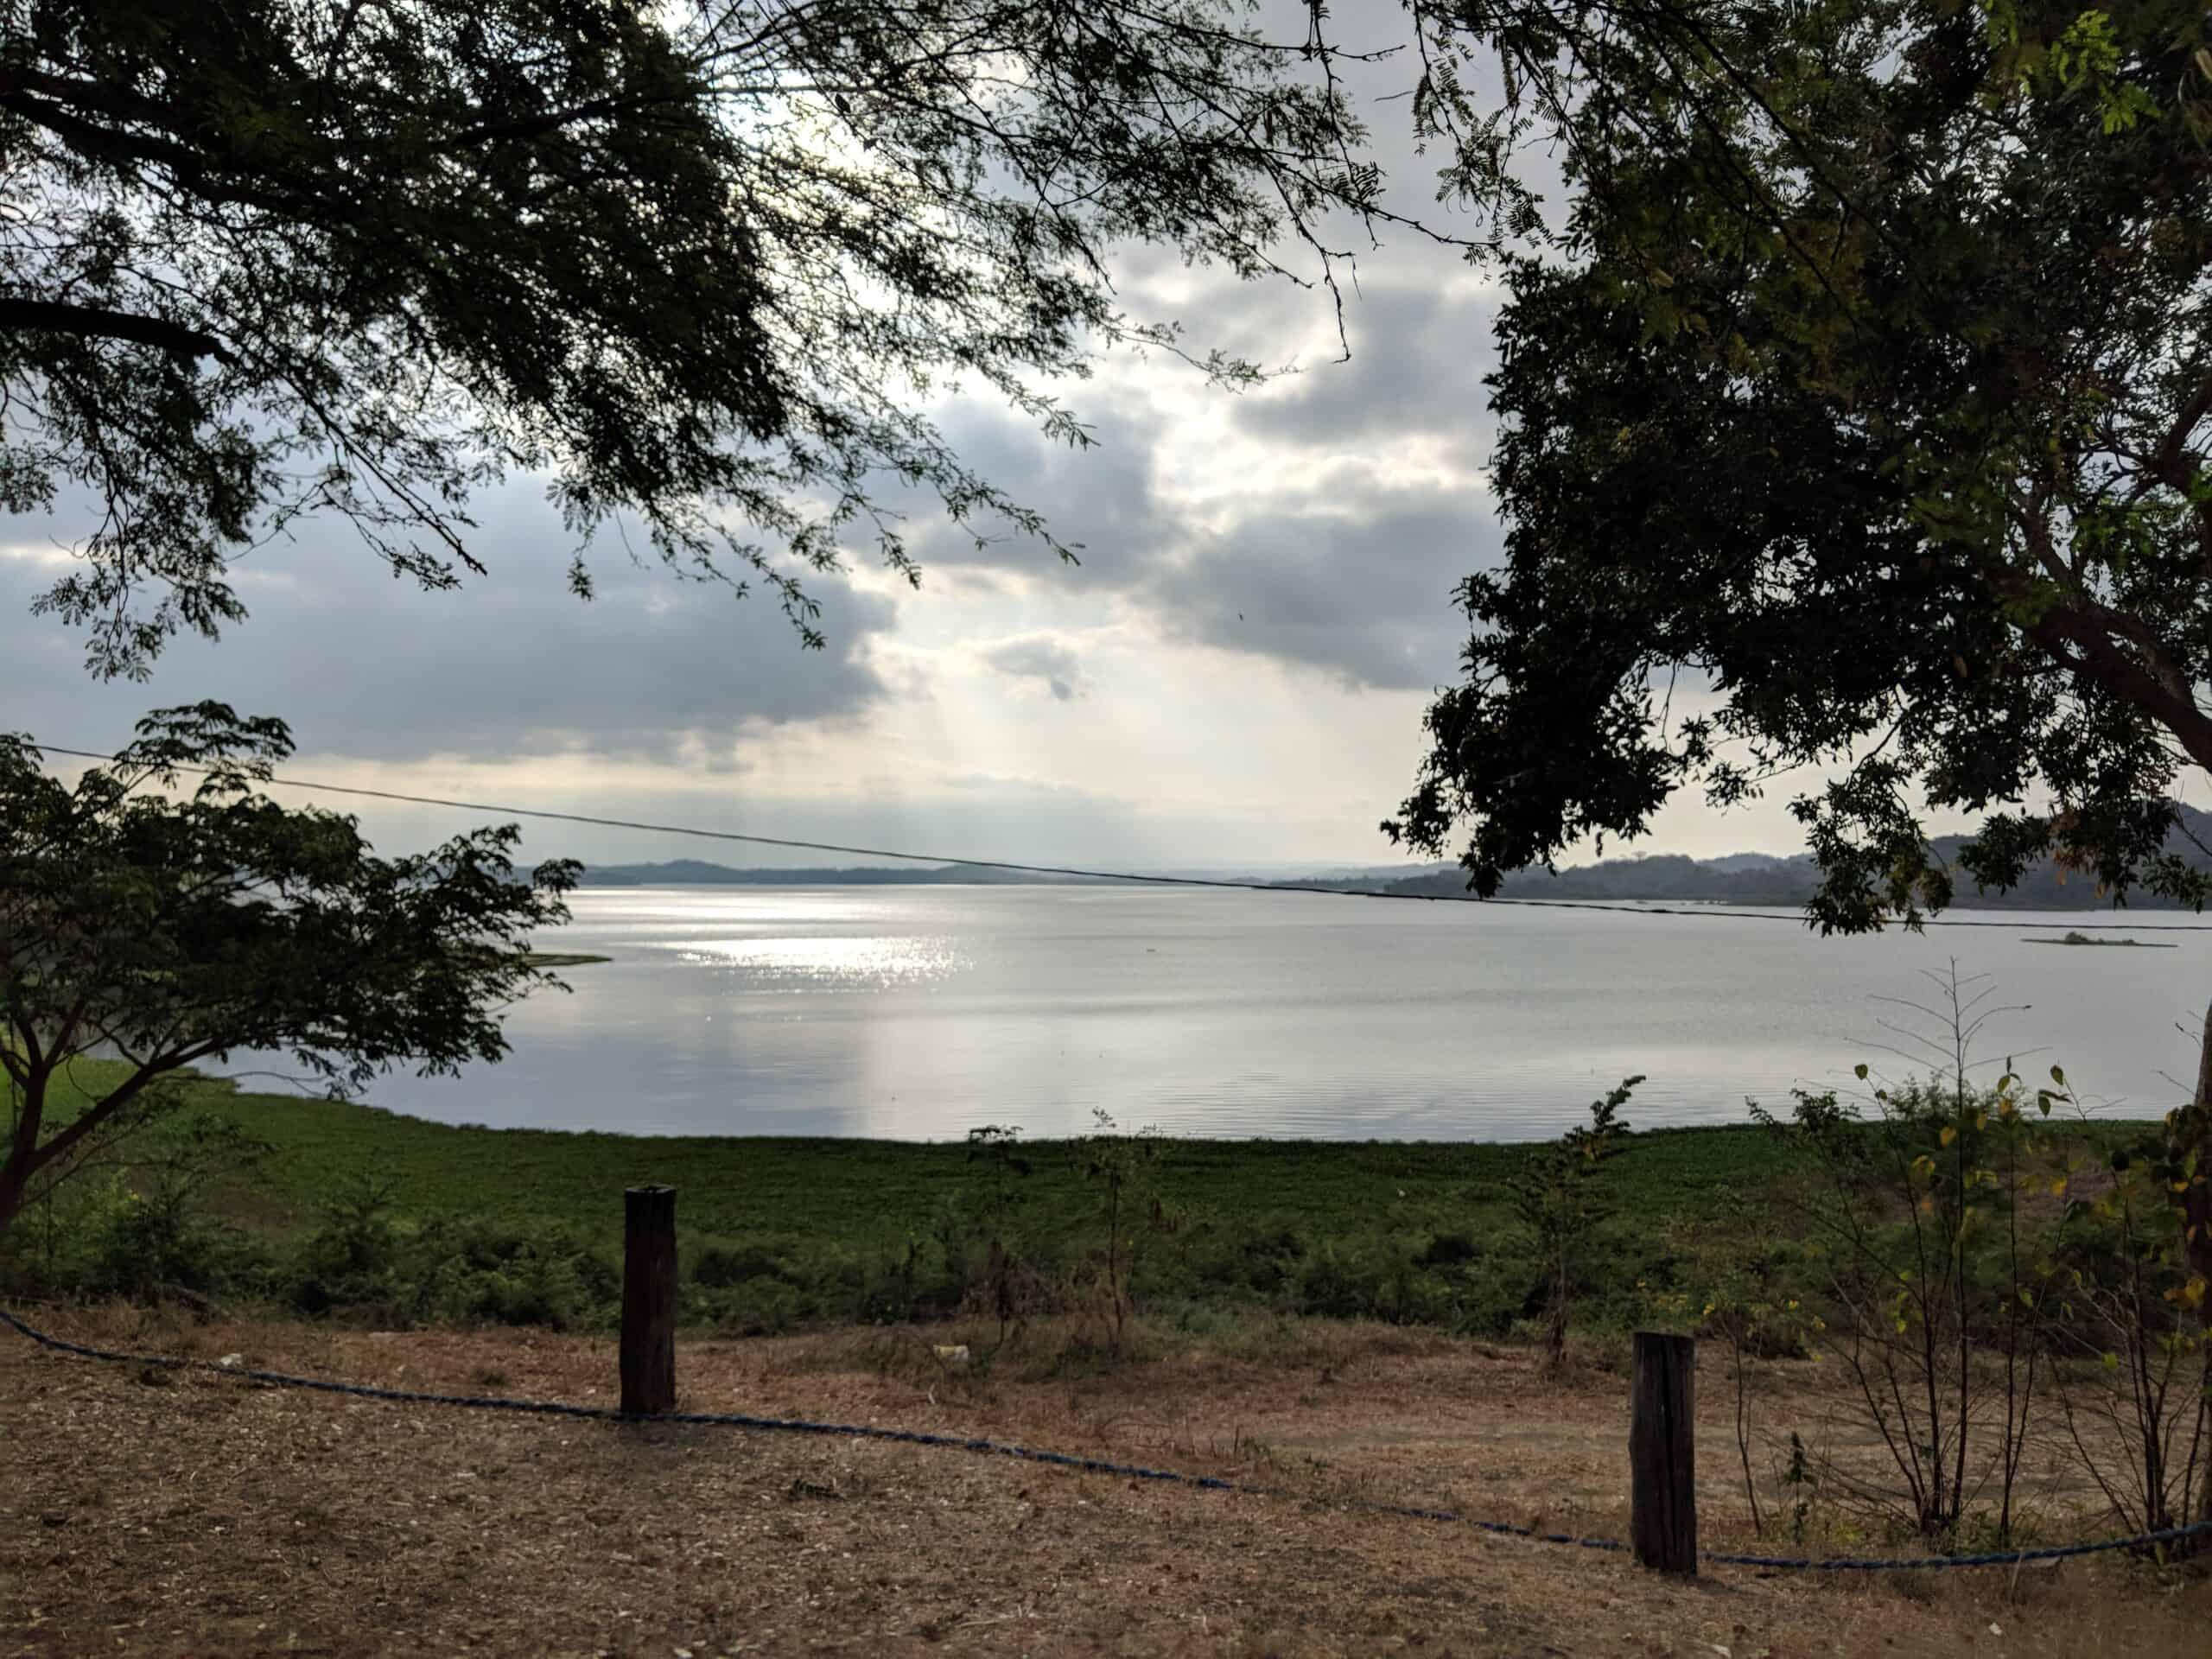 Parque Lago Guayaquil